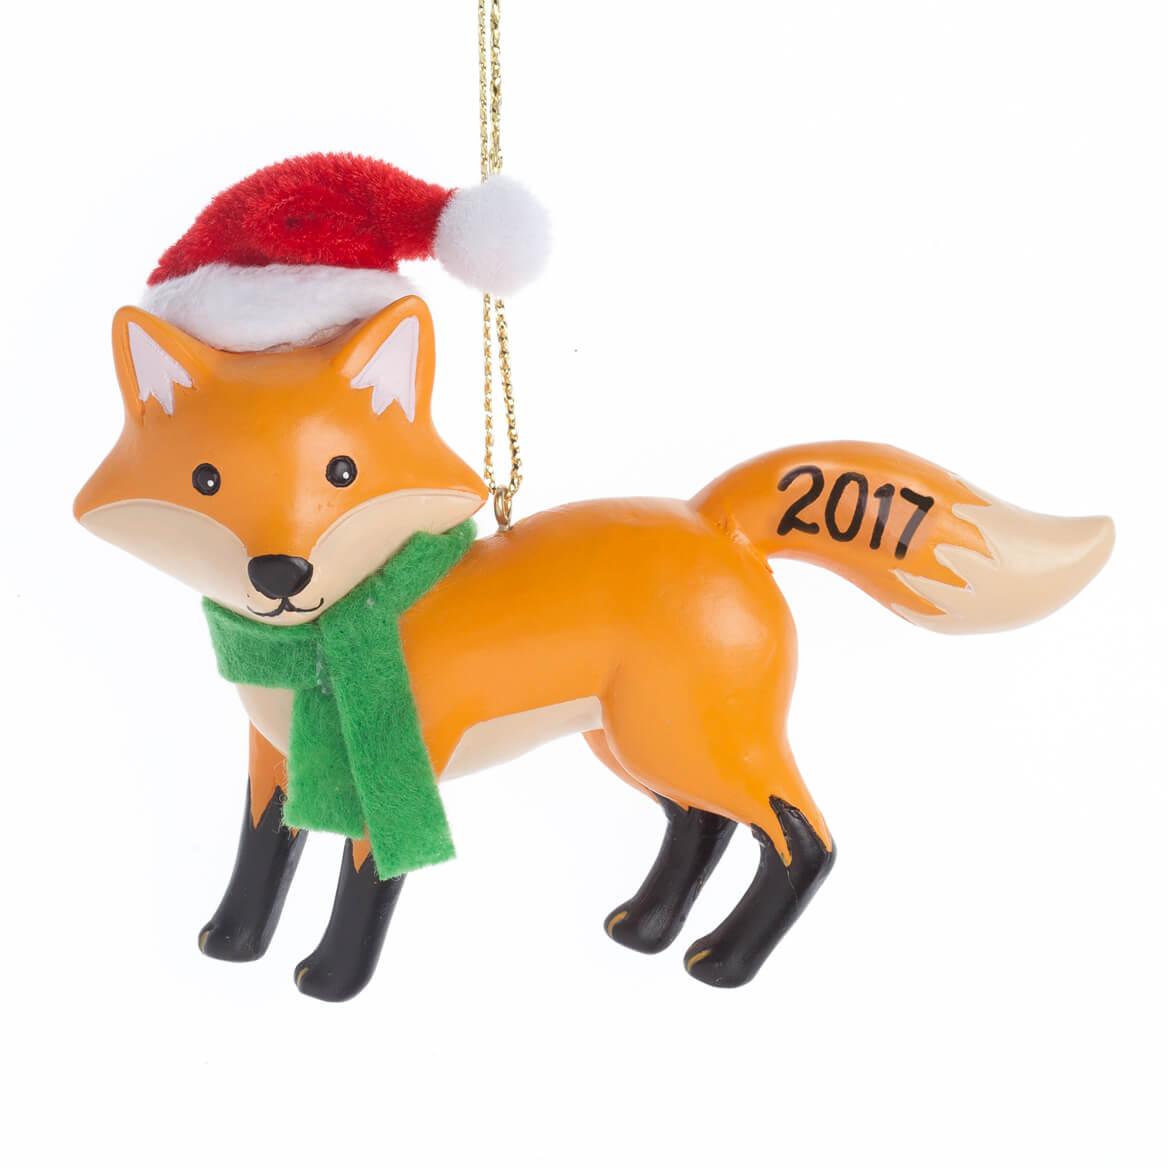 Woodland Fox Ornament - Christmas Ornament - Miles Kimball